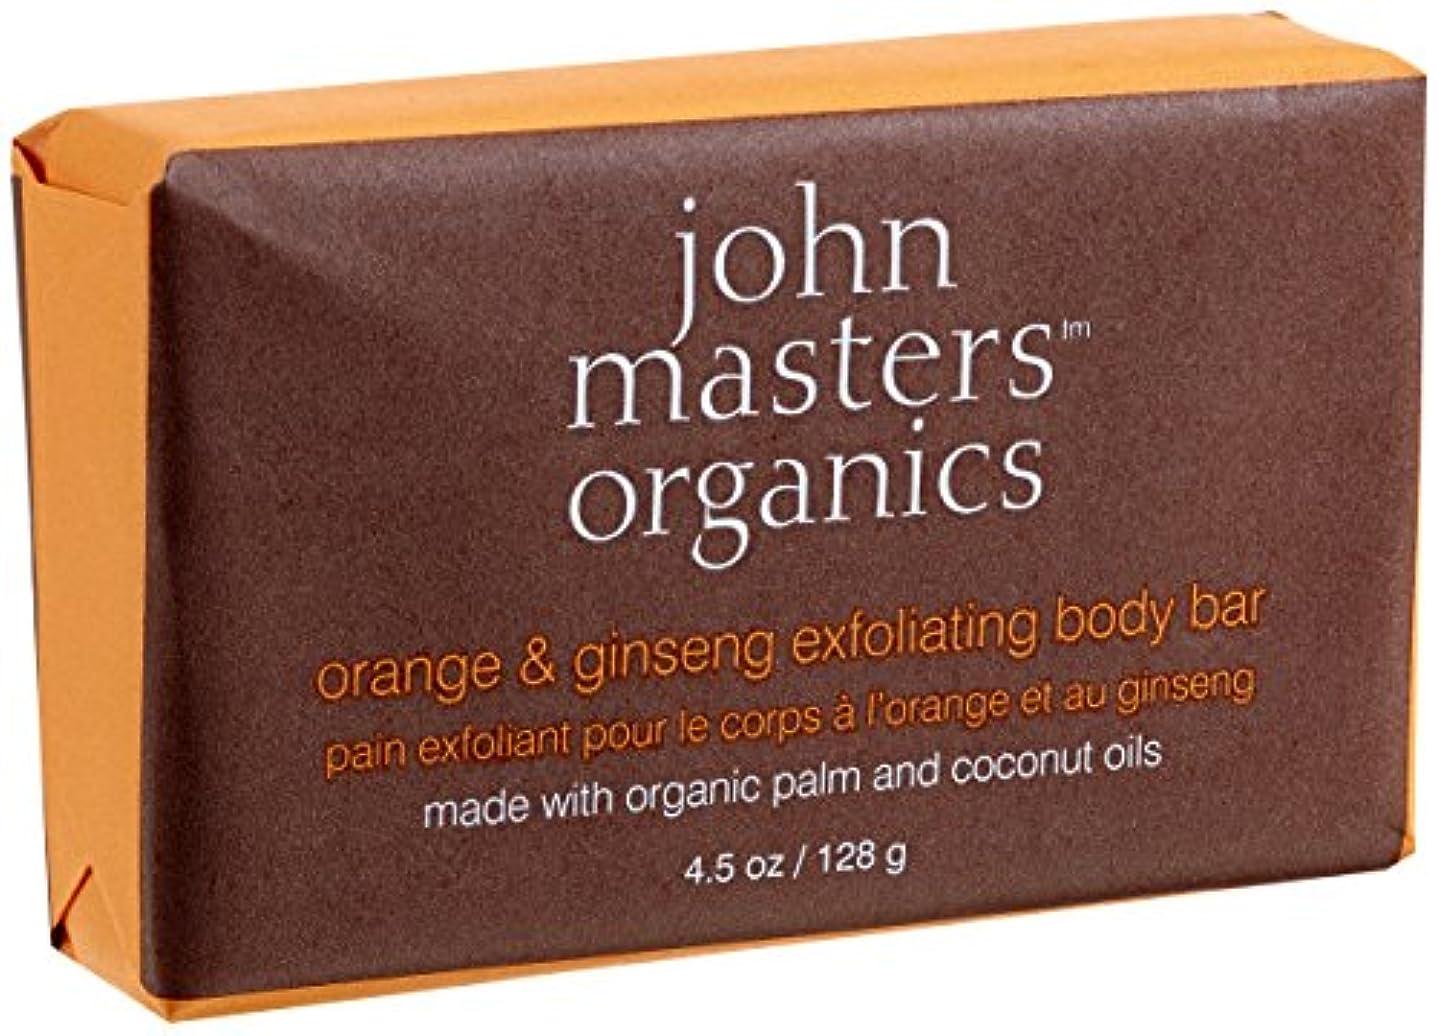 積分ホラー日光ジョンマスターオーガニック オレンジ&ジンセンエクスフォリエイティングボディソープ 128g